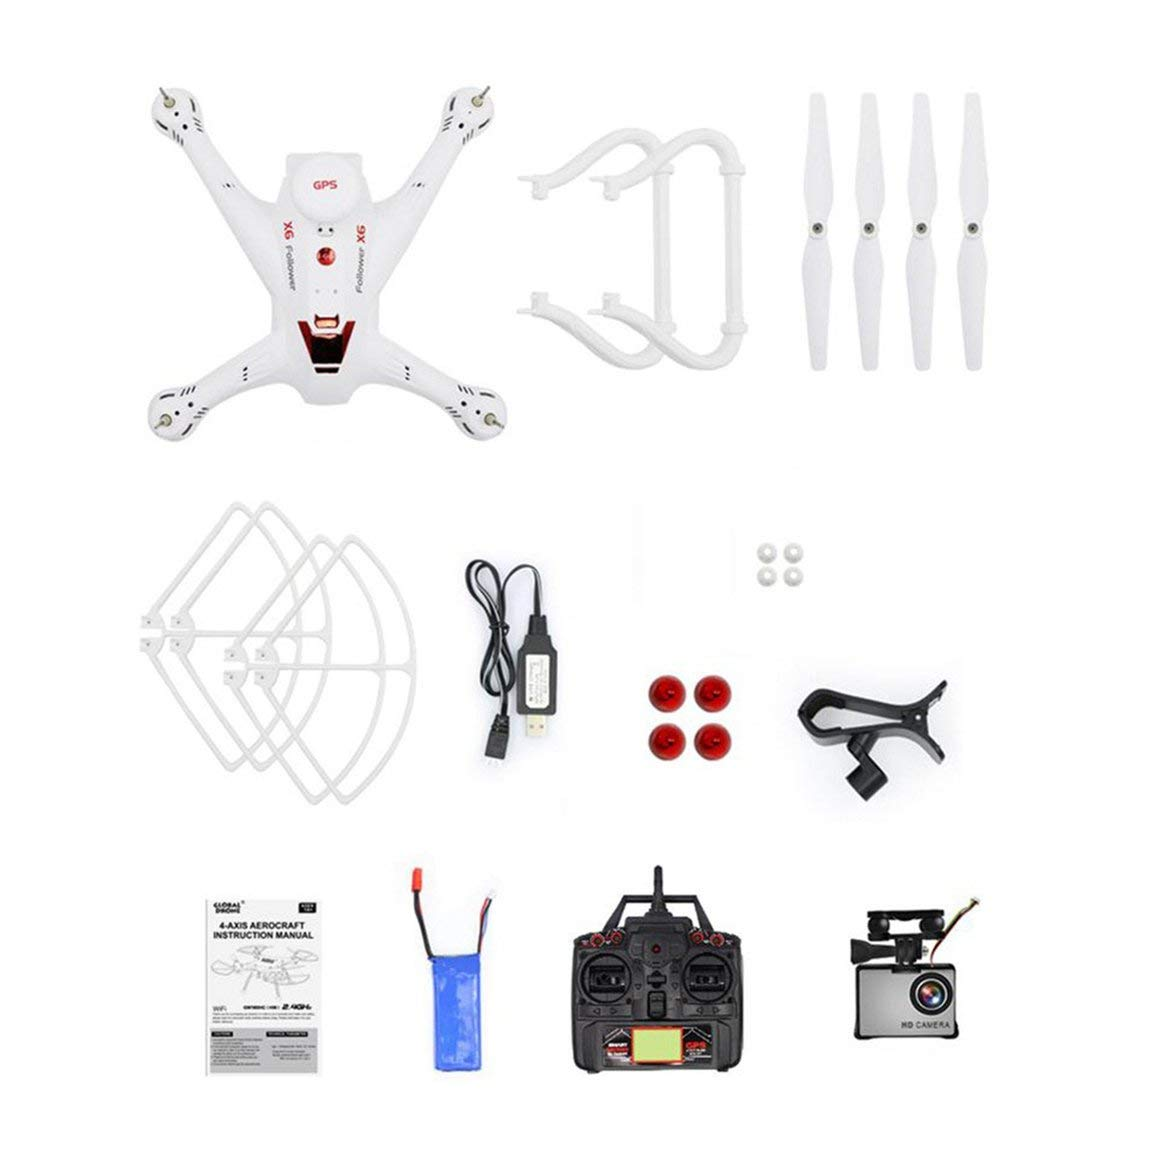 barato (Color (Color (Color  blancoo Y Negro) -2 Garciasia X183S RC Drone con cámara 1080P 5G Modo sin Cabeza Altitud Mantener una tecla Devolver Mini Control Remoto GPS Quadrocopter (Color  blancoo y Negro) -2  Nuevos productos de artículos novedosos.